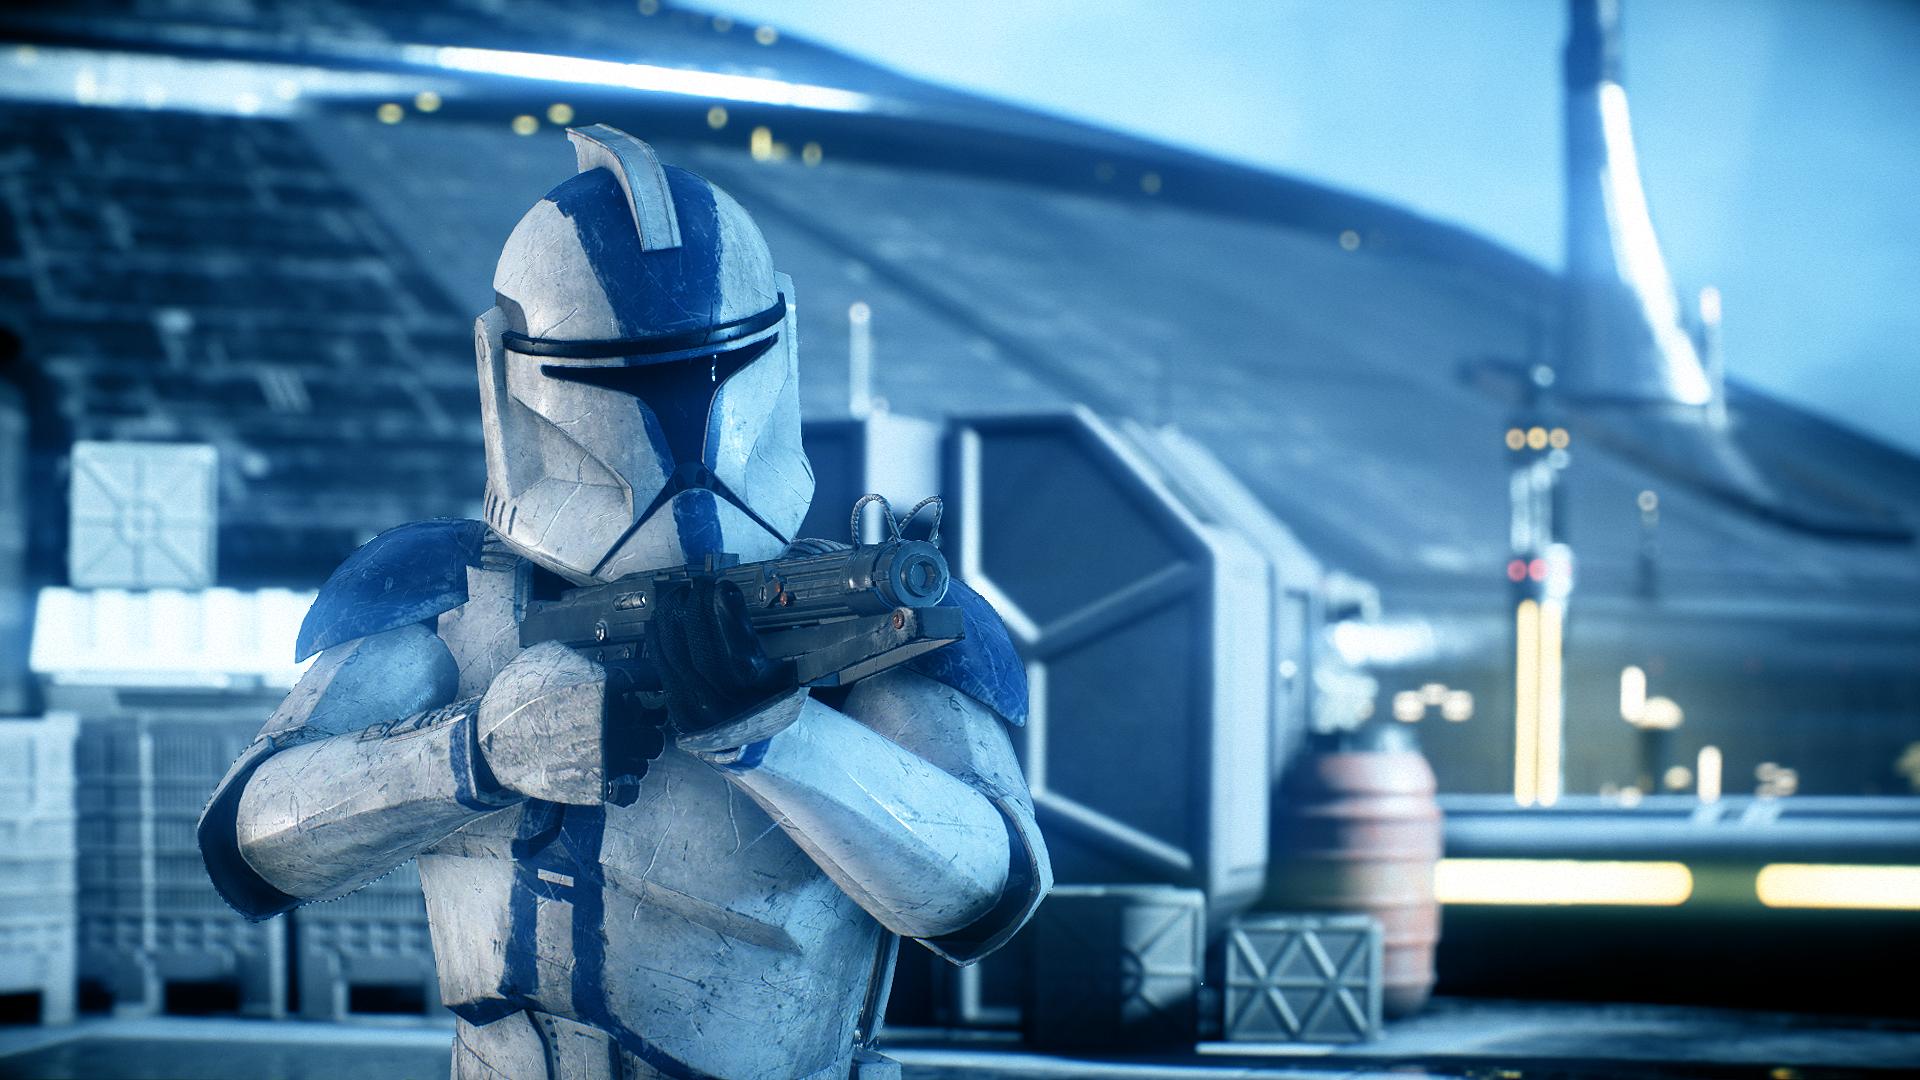 Ortho S 501st Legion A Star Wars Battlefront Ii 2017 Nexus Mods Et Communaute Star Wars Clone Wars Star Wars Episode Ii Star Wars Art